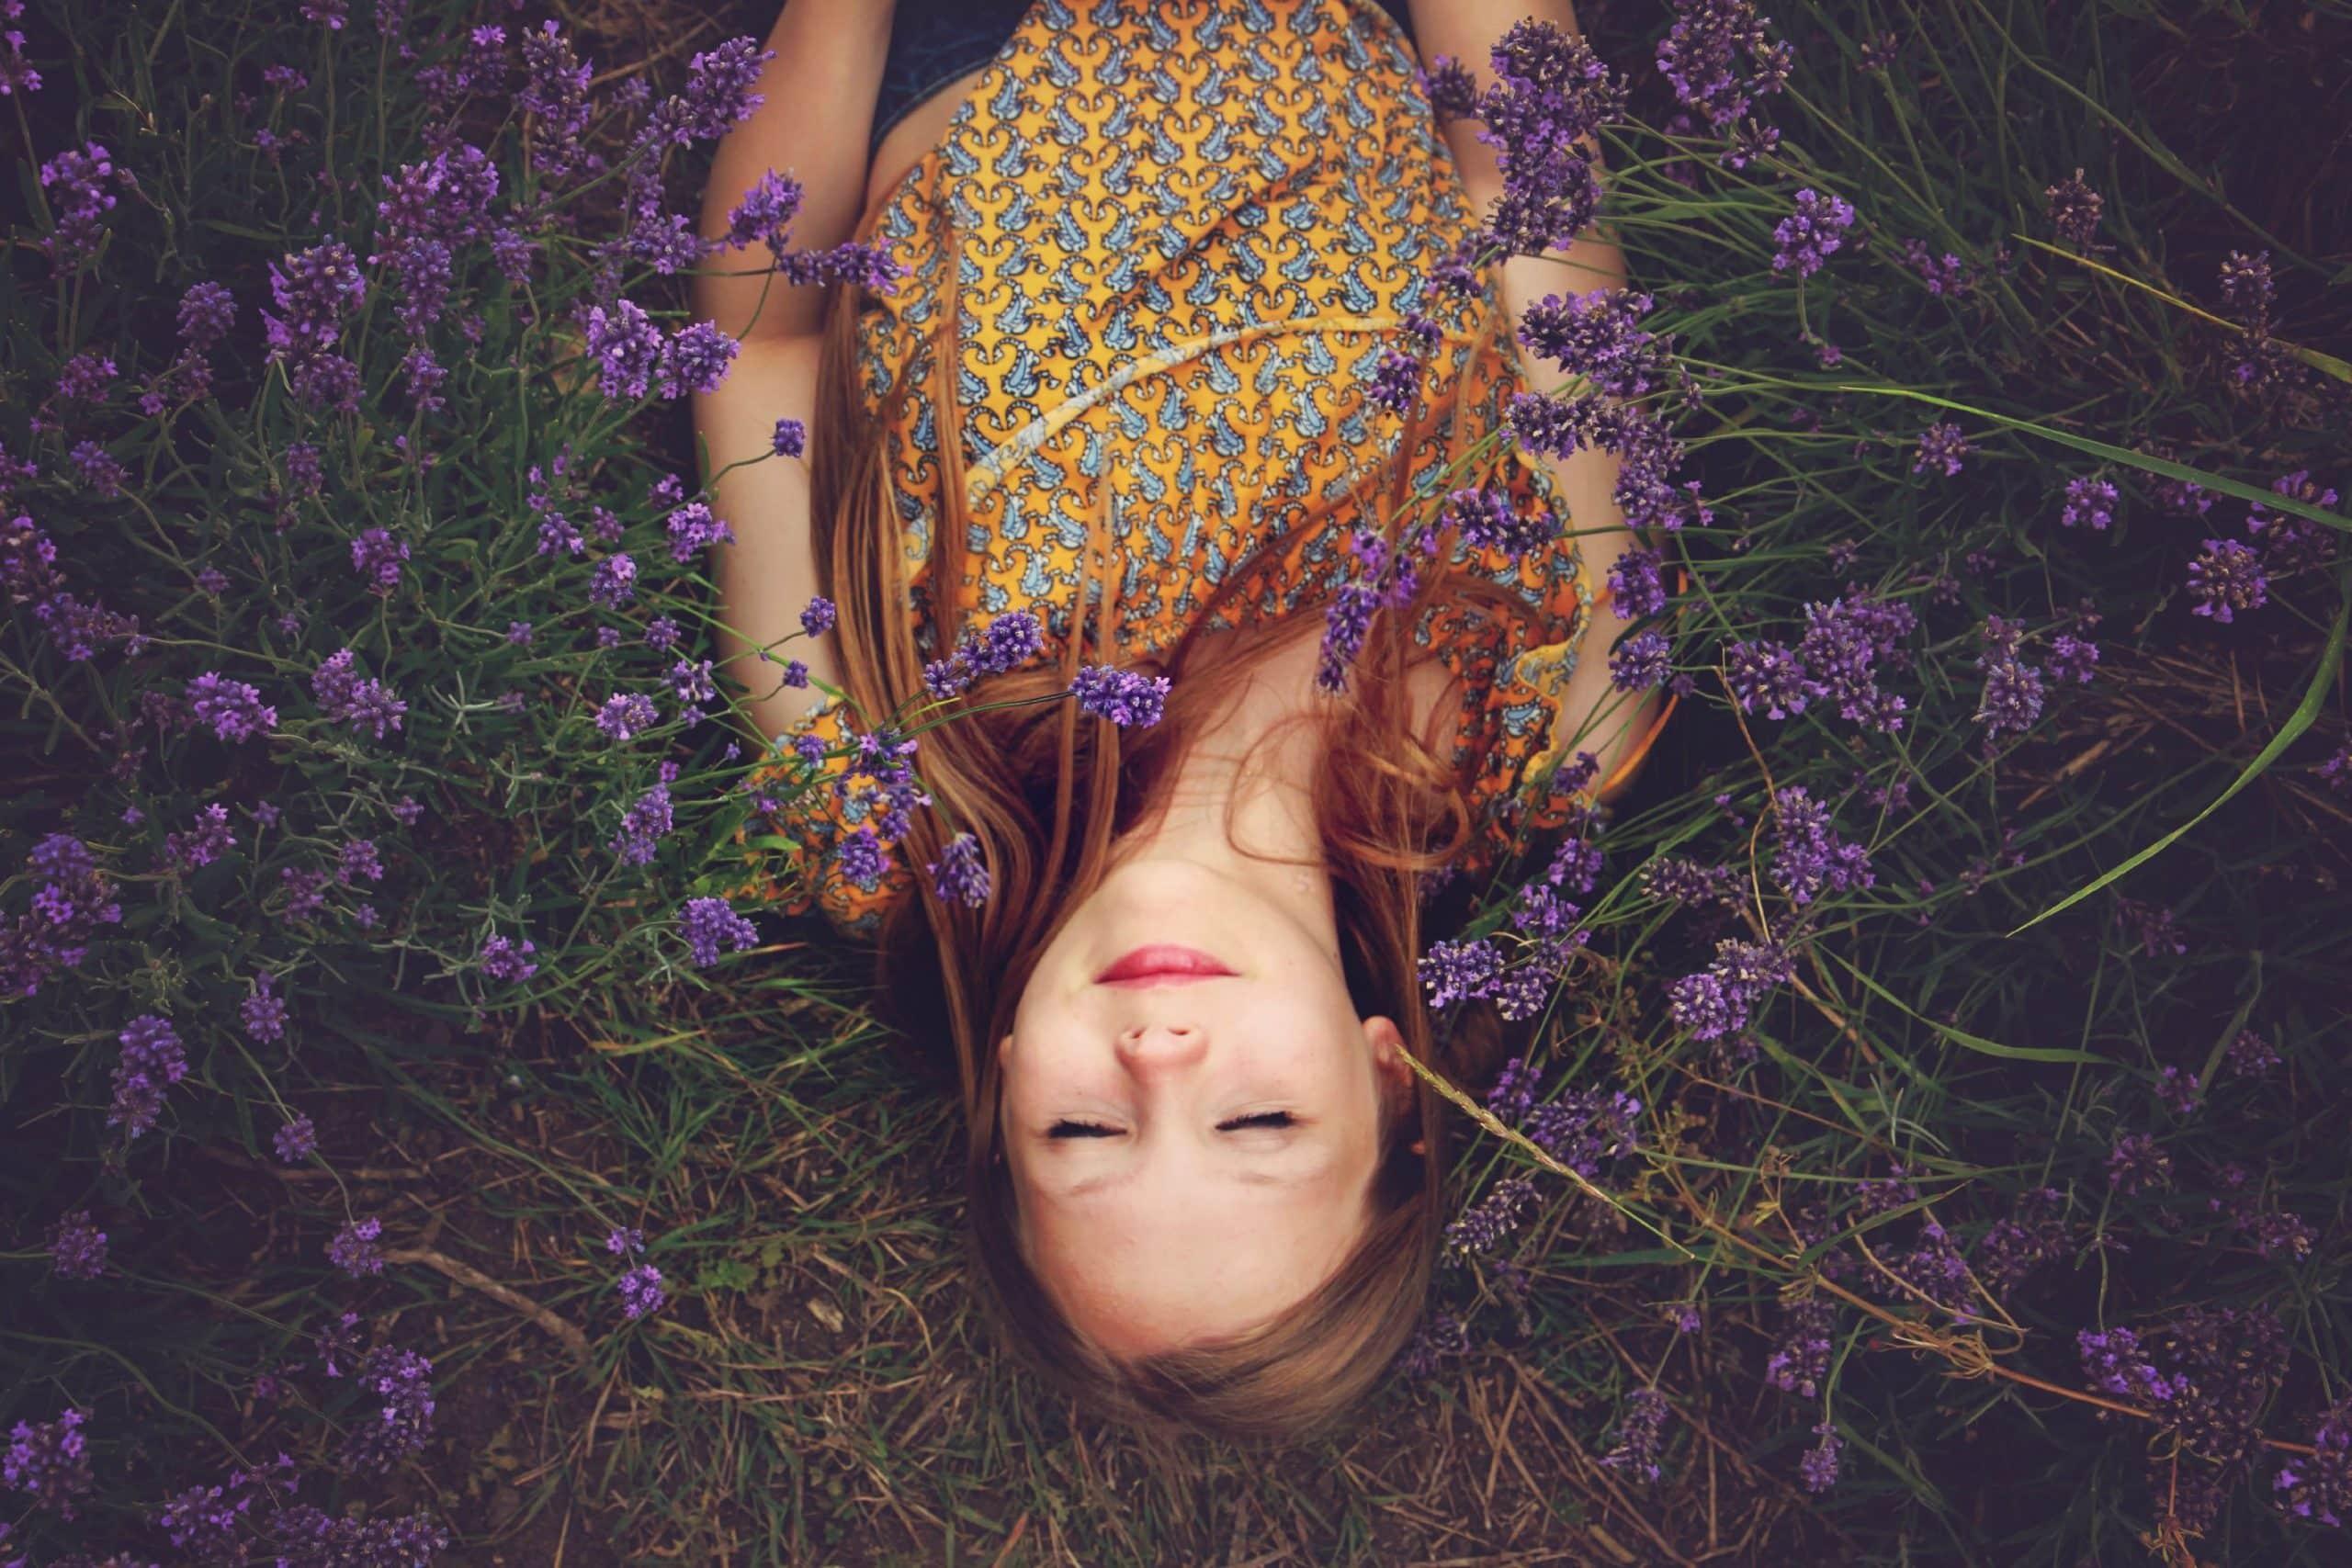 vrouw droomt tussen lavendel